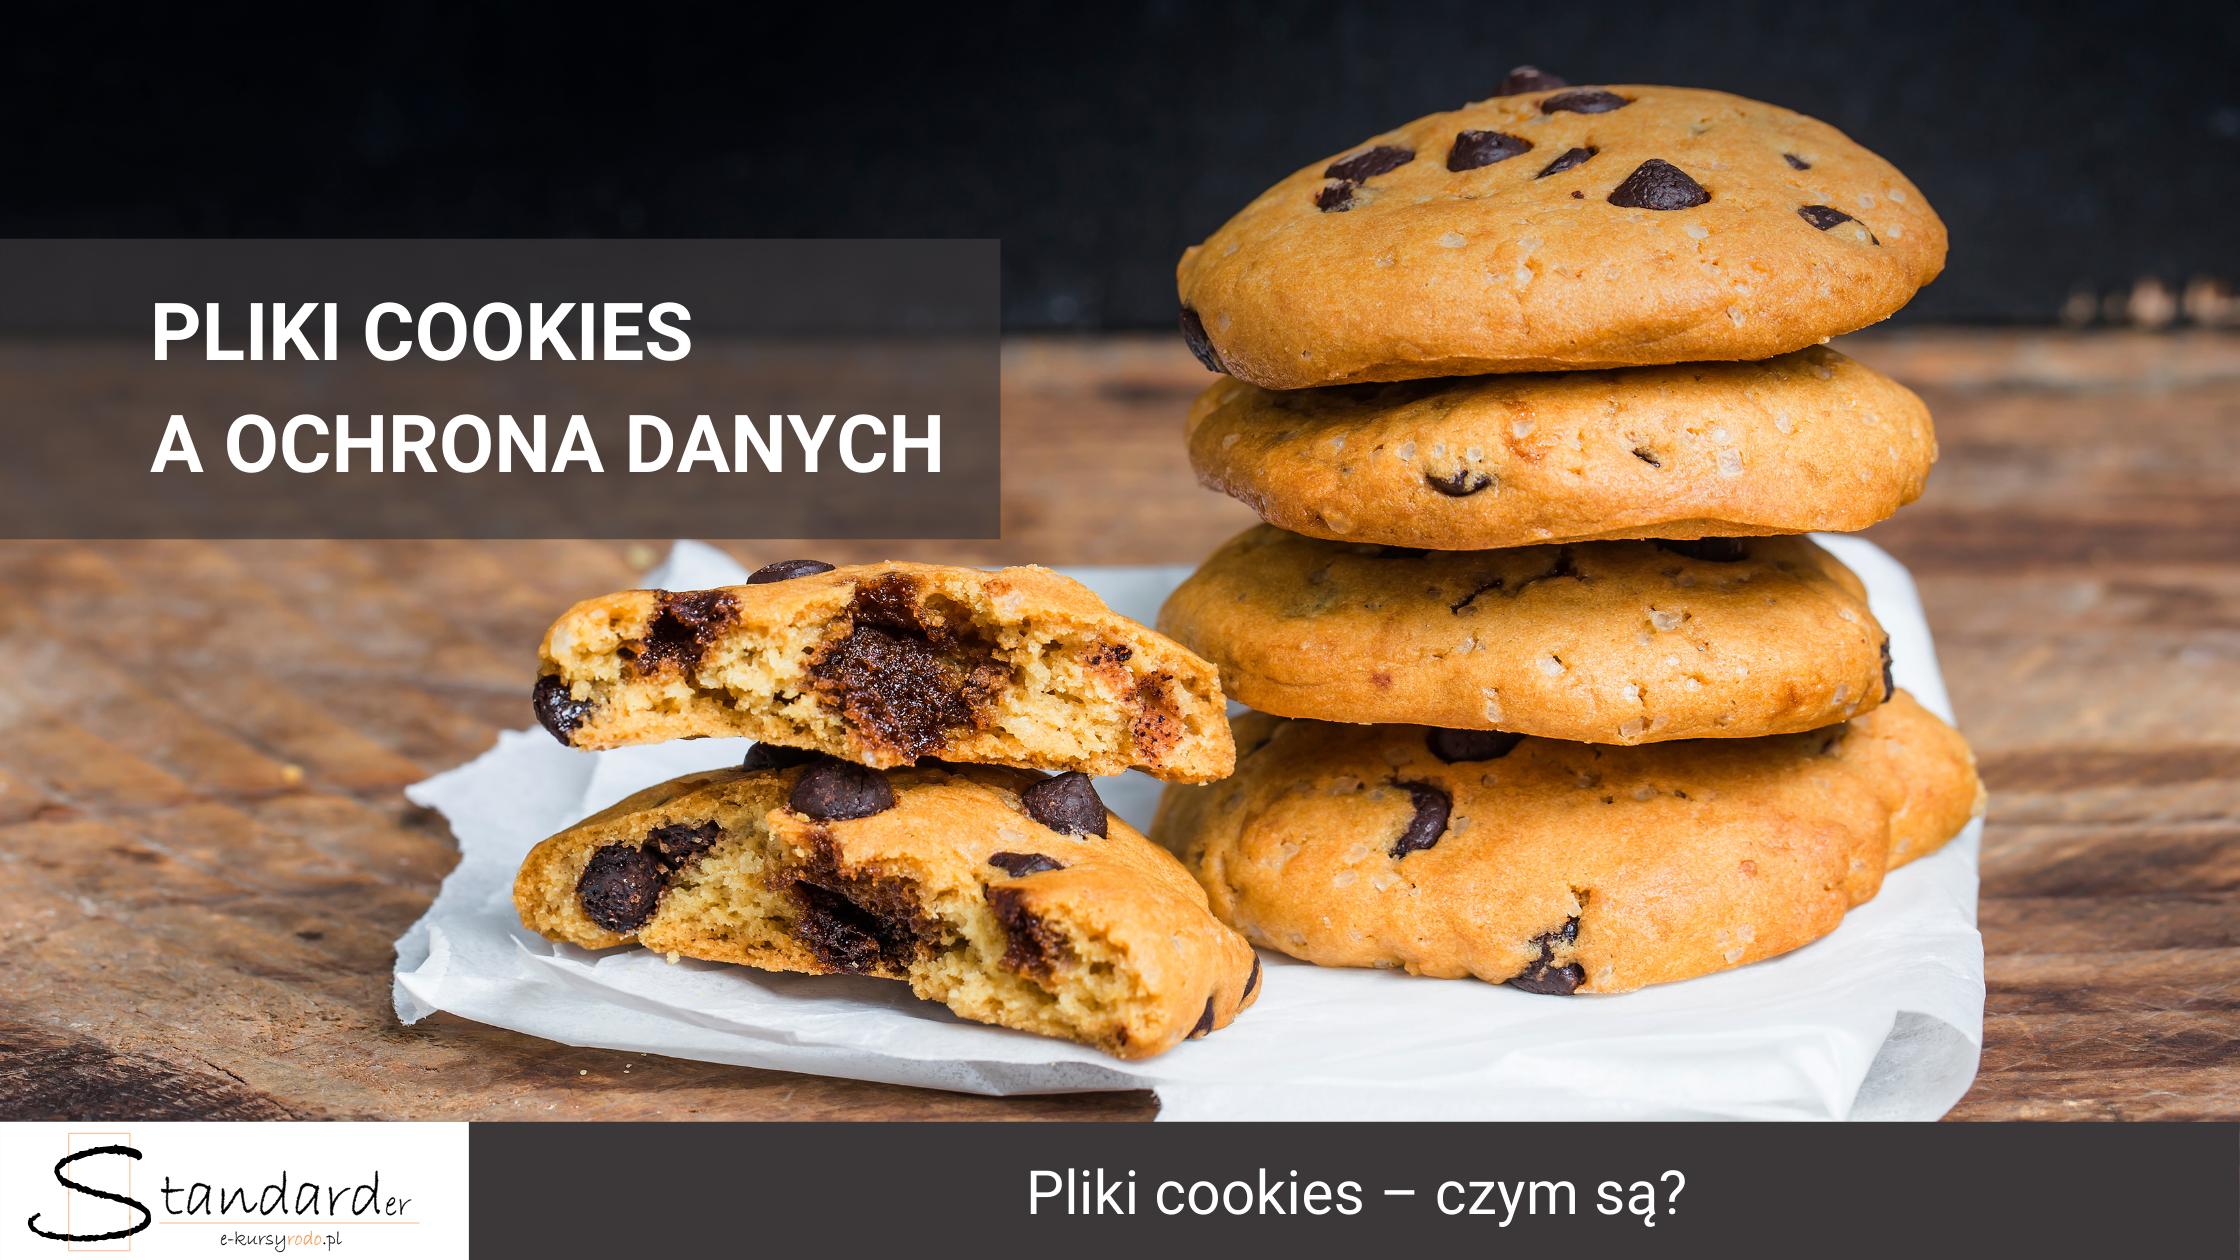 pliki cookies - czym są?